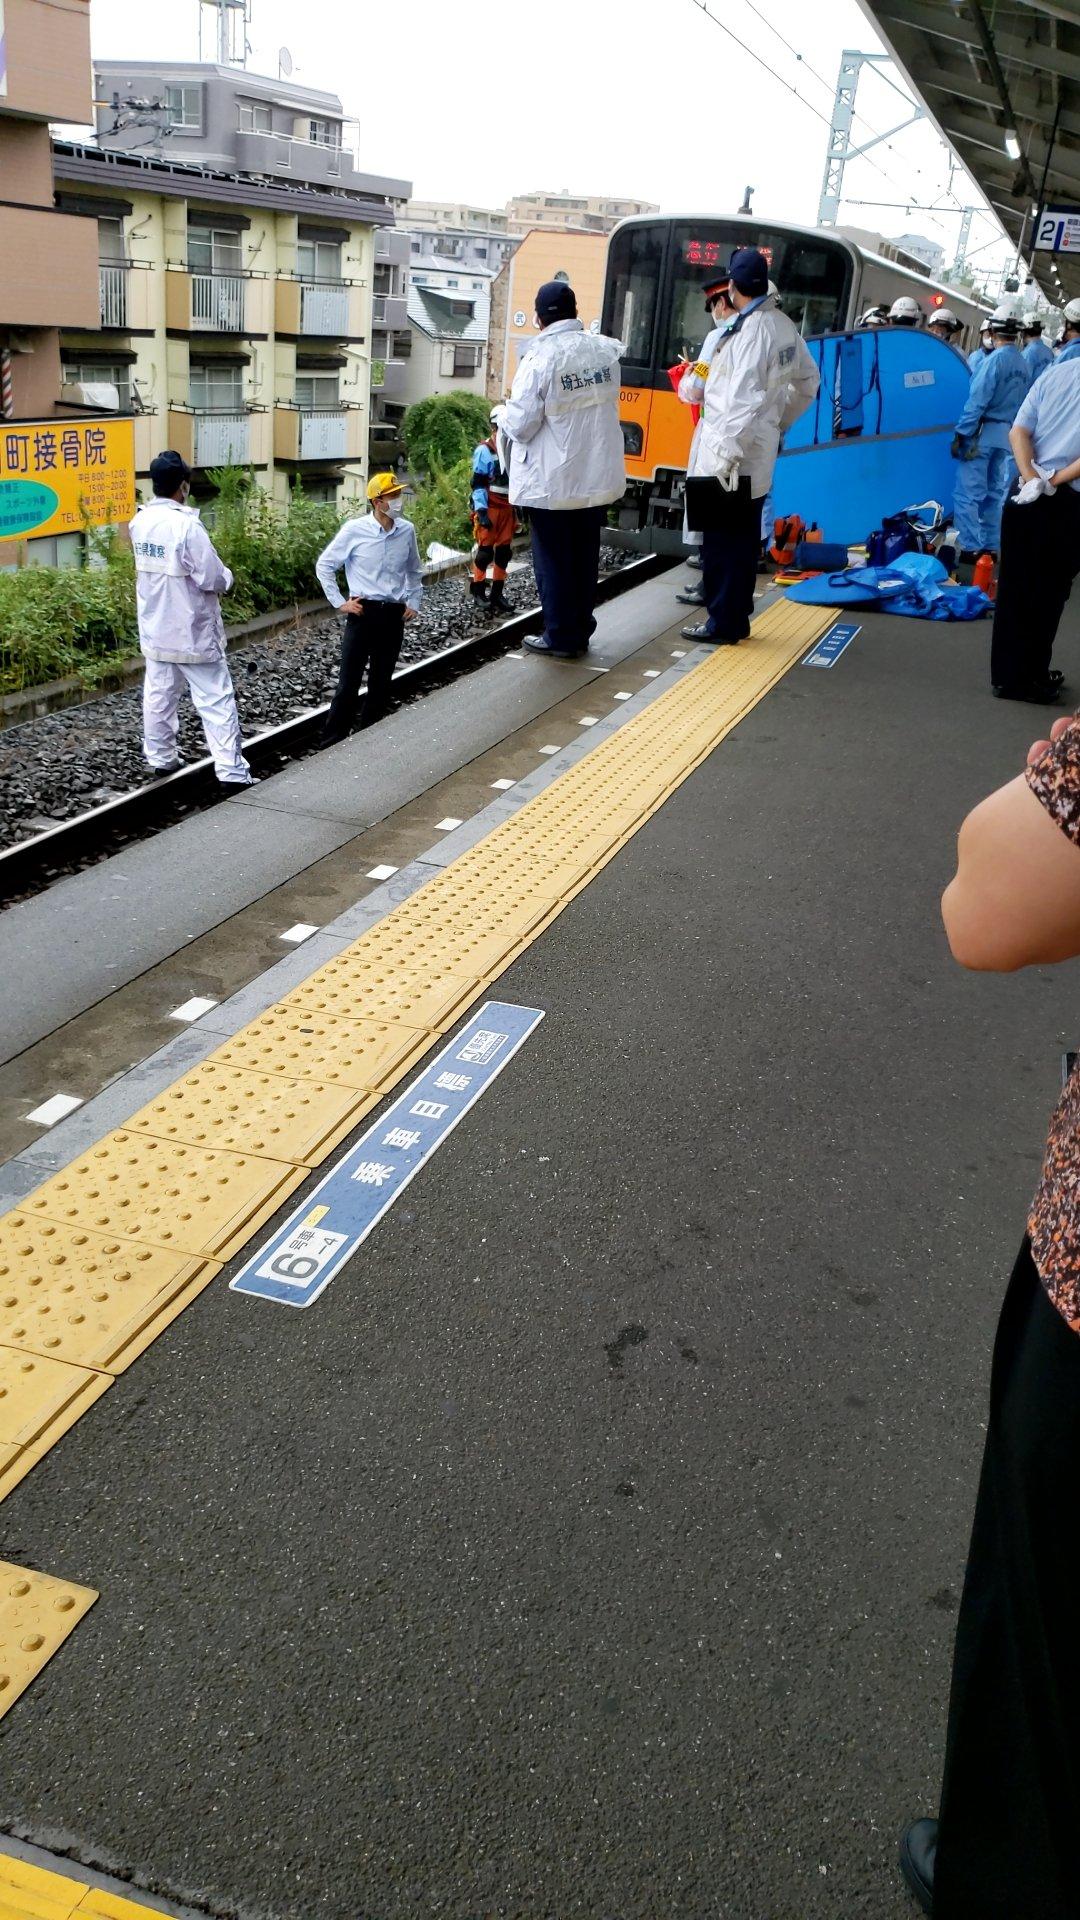 柳瀬川駅の人身事故で救護活動している画像